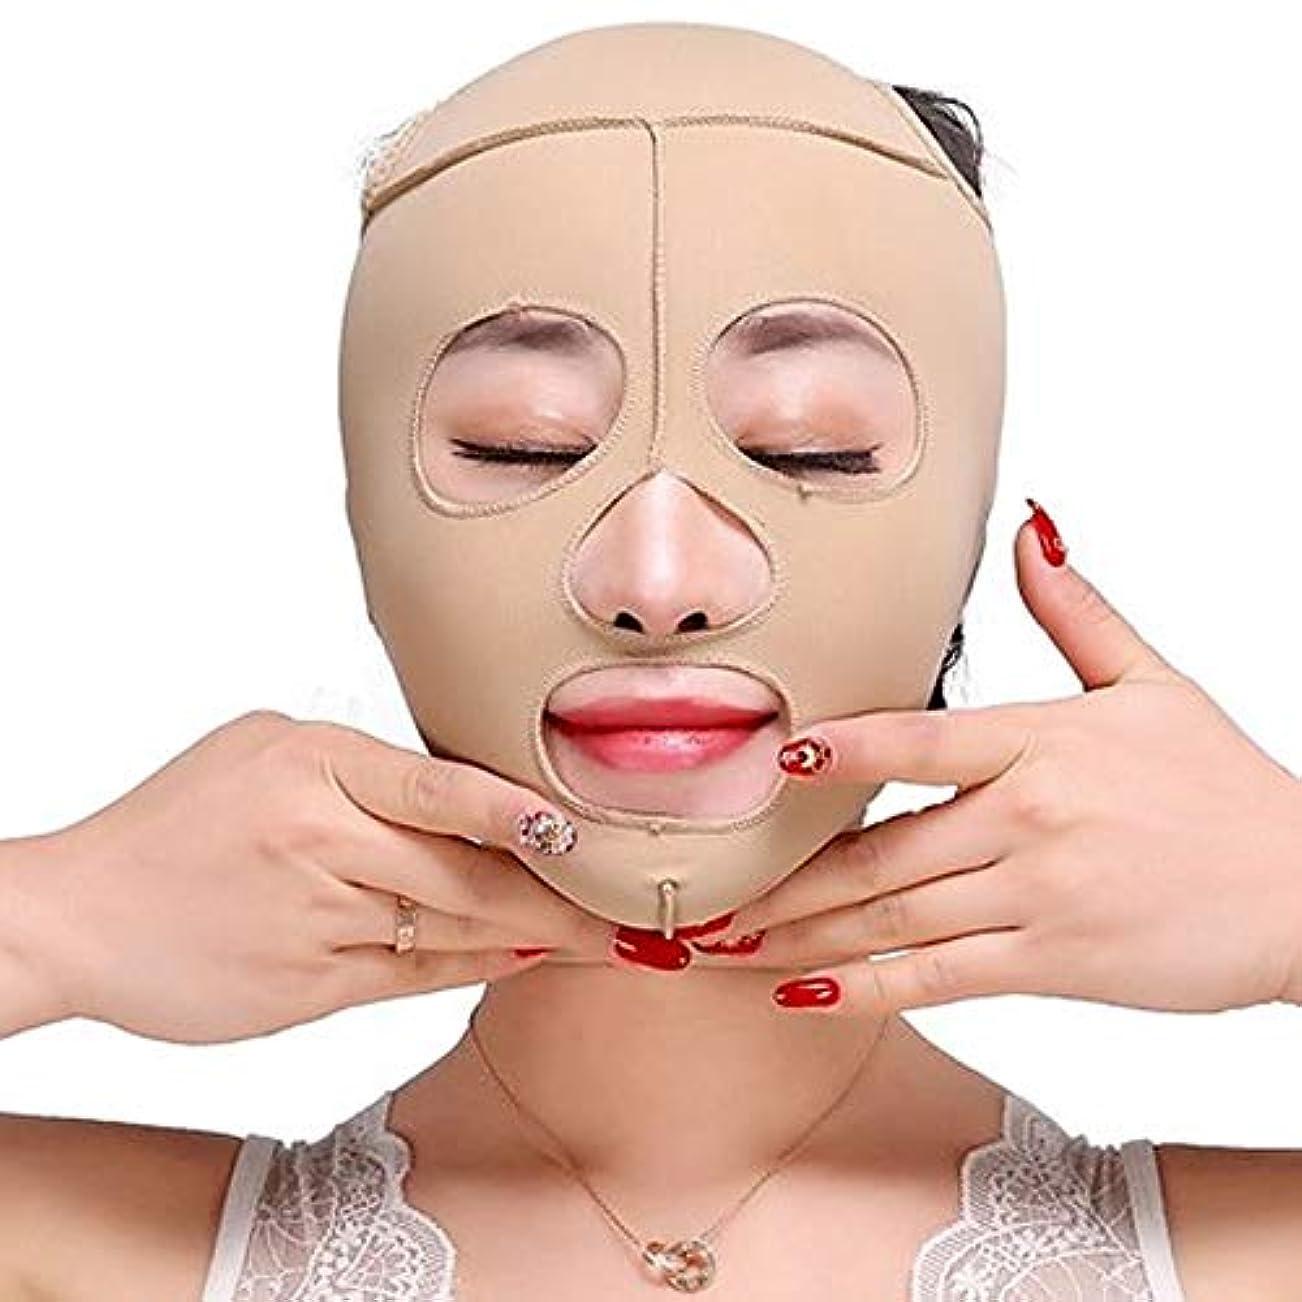 十分内訳強風Minmin フェイスリフティングアーティファクト睡眠薄い顔顔の顔薄い顔V顔マスク二重あご薄い顔包帯肌色 みんみんVラインフェイスマスク (Size : S)